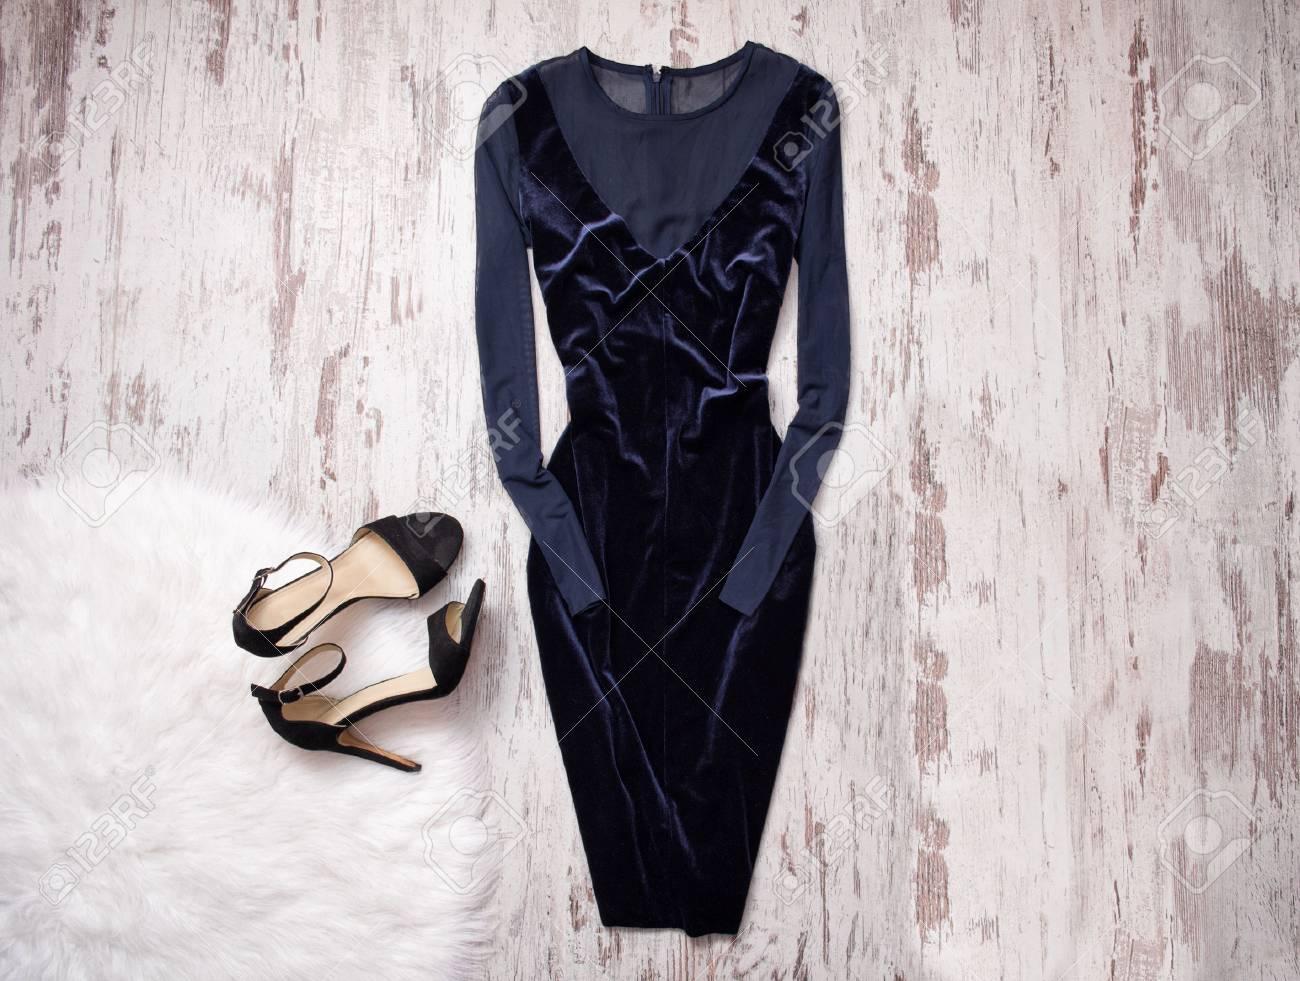 Vestido Azul De Terciopelo De Noche Con Chifón Zapatos Negros Fondo De Madera Espacio Para Texto Concepto De La Moda Vista Superior